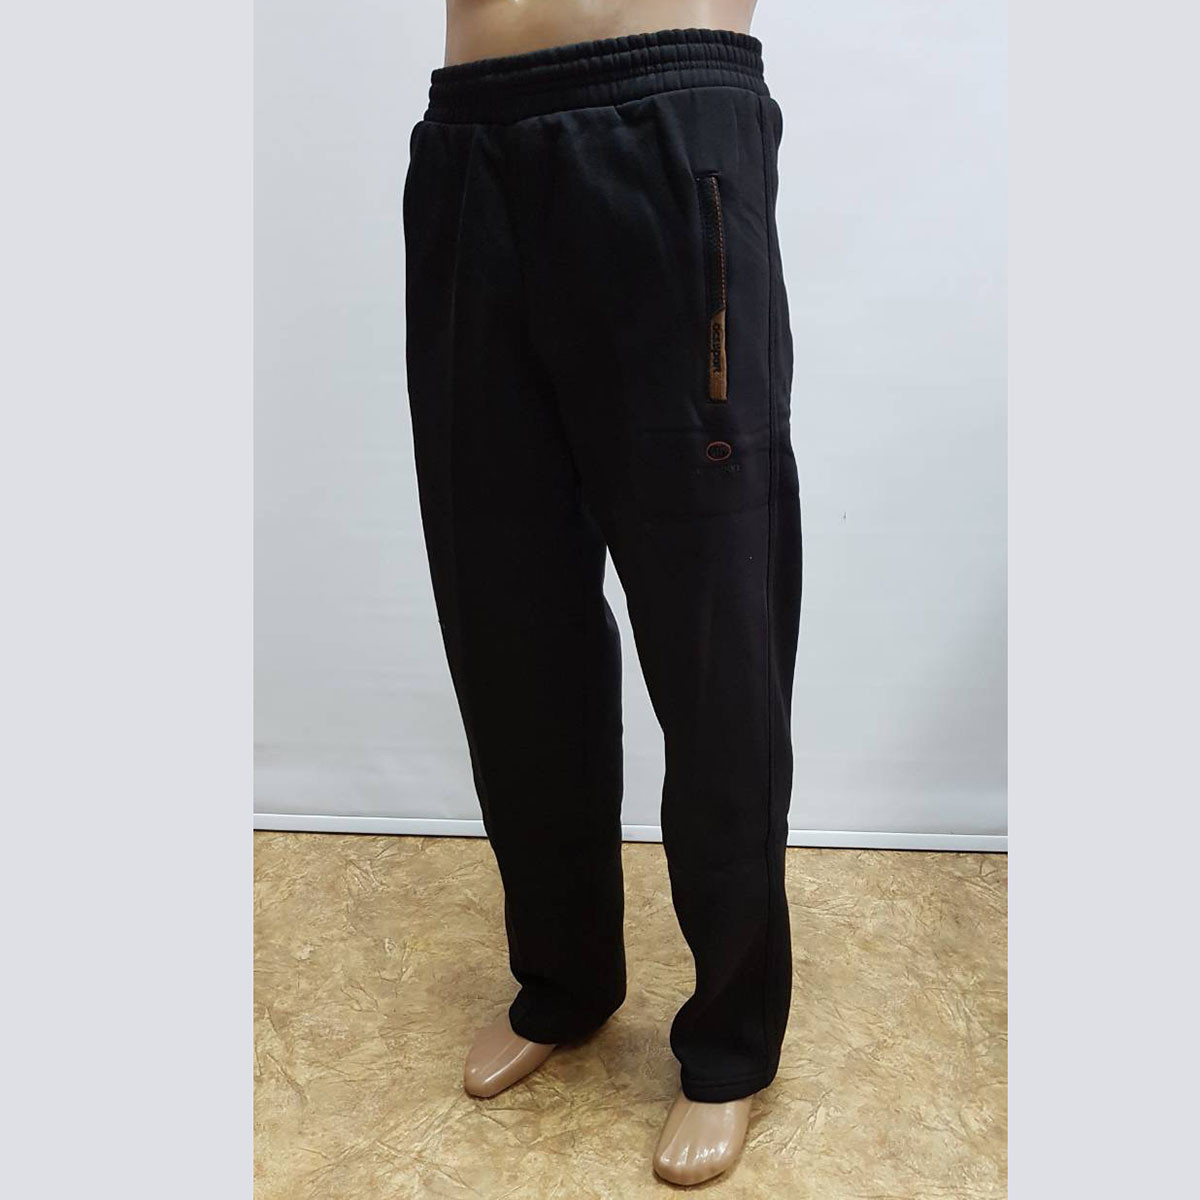 Мужские теплые спортивные штаны трехнитка пр-во Турция KD1281